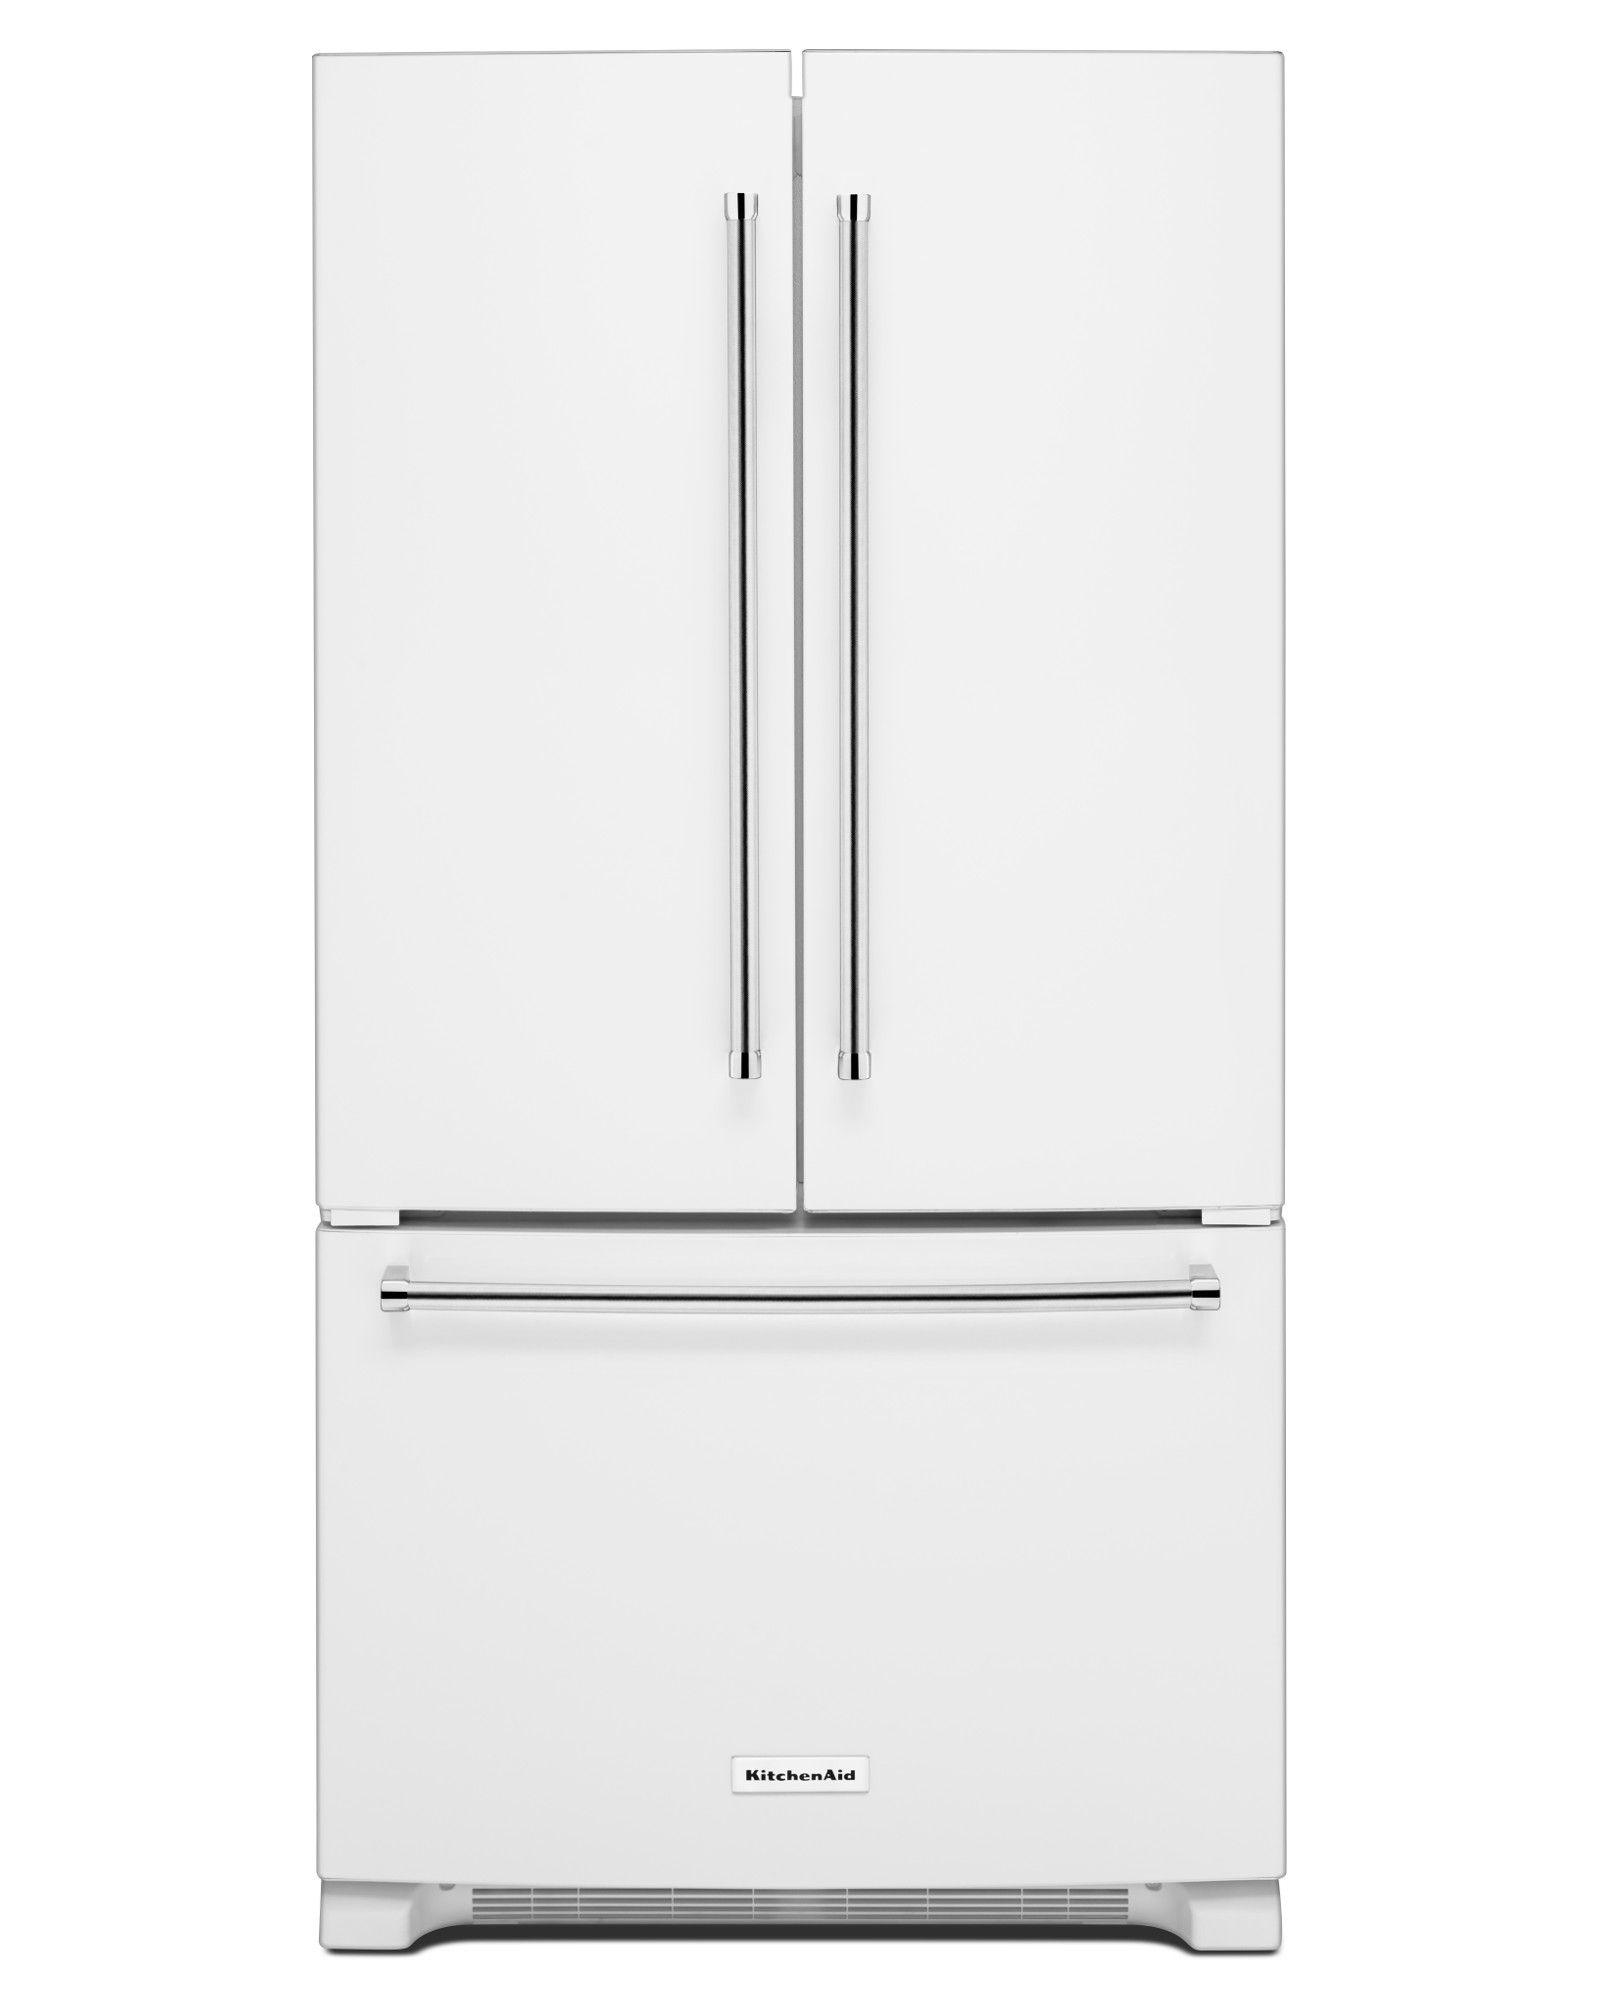 1978 Dad S 20 Cu Ft 24 13 Deep Counter Depth French Door Refrigerator French Door Refrigerator White Refrigerator